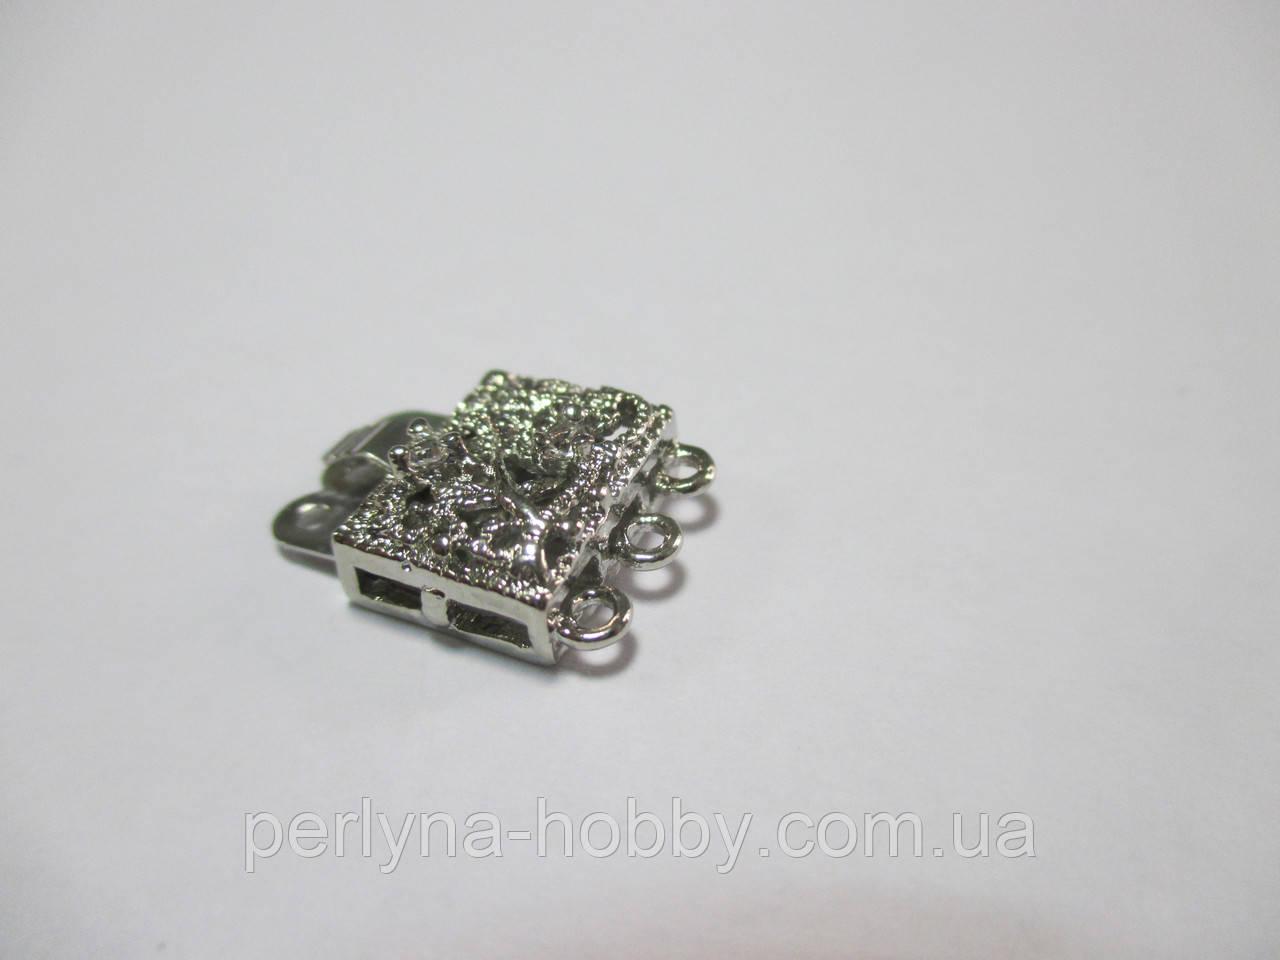 Застібка для біжутерії зі стразами 16 мм. на 3 нитки, нікель